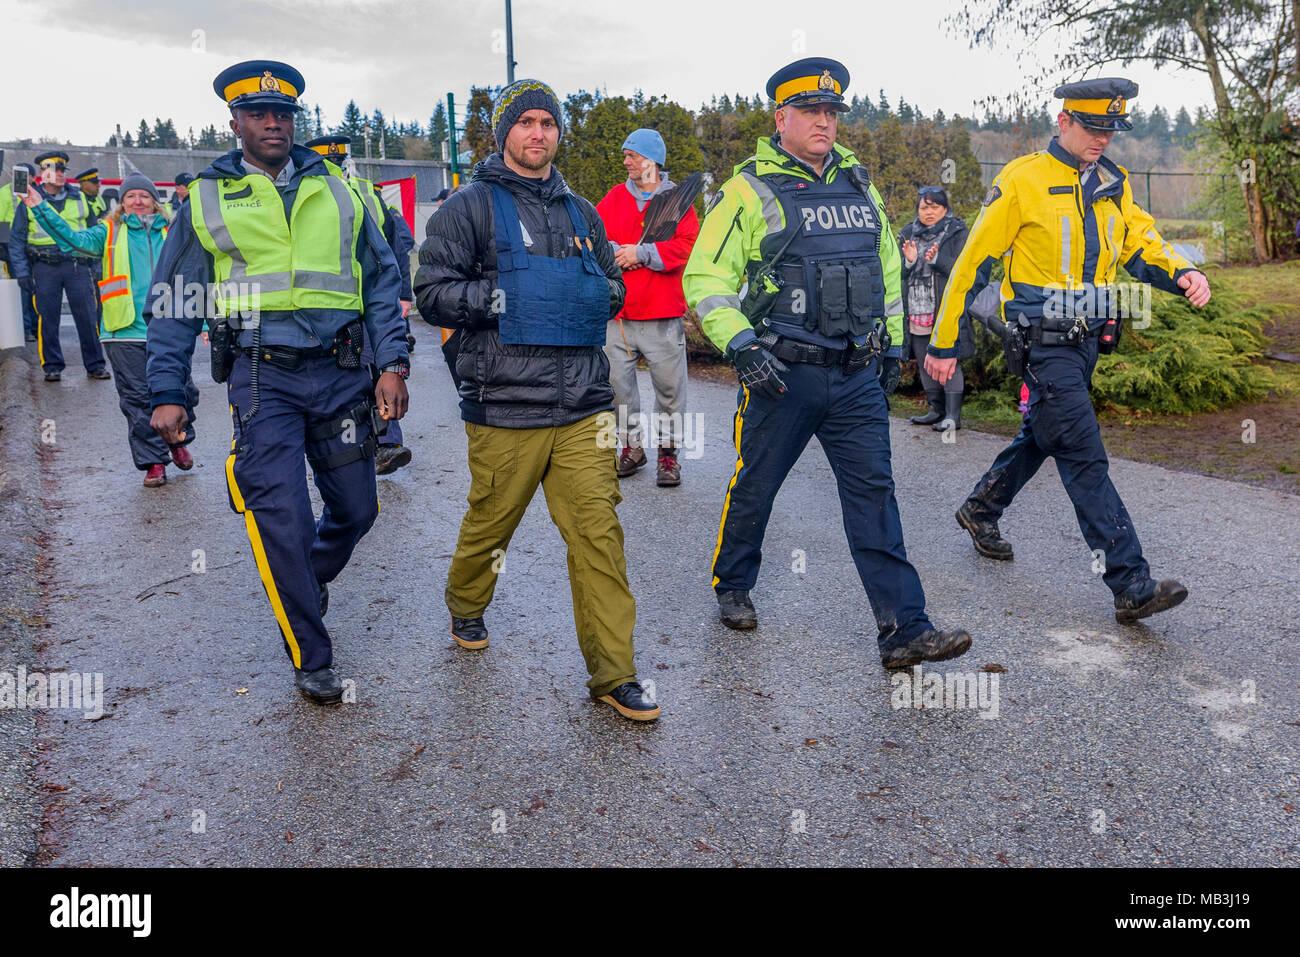 L'homme se fait arrêter au blocage de l'entrée du pipeline de Kinder Morgan, Burnaby, Colombie-Britannique, Canada. Photo Stock